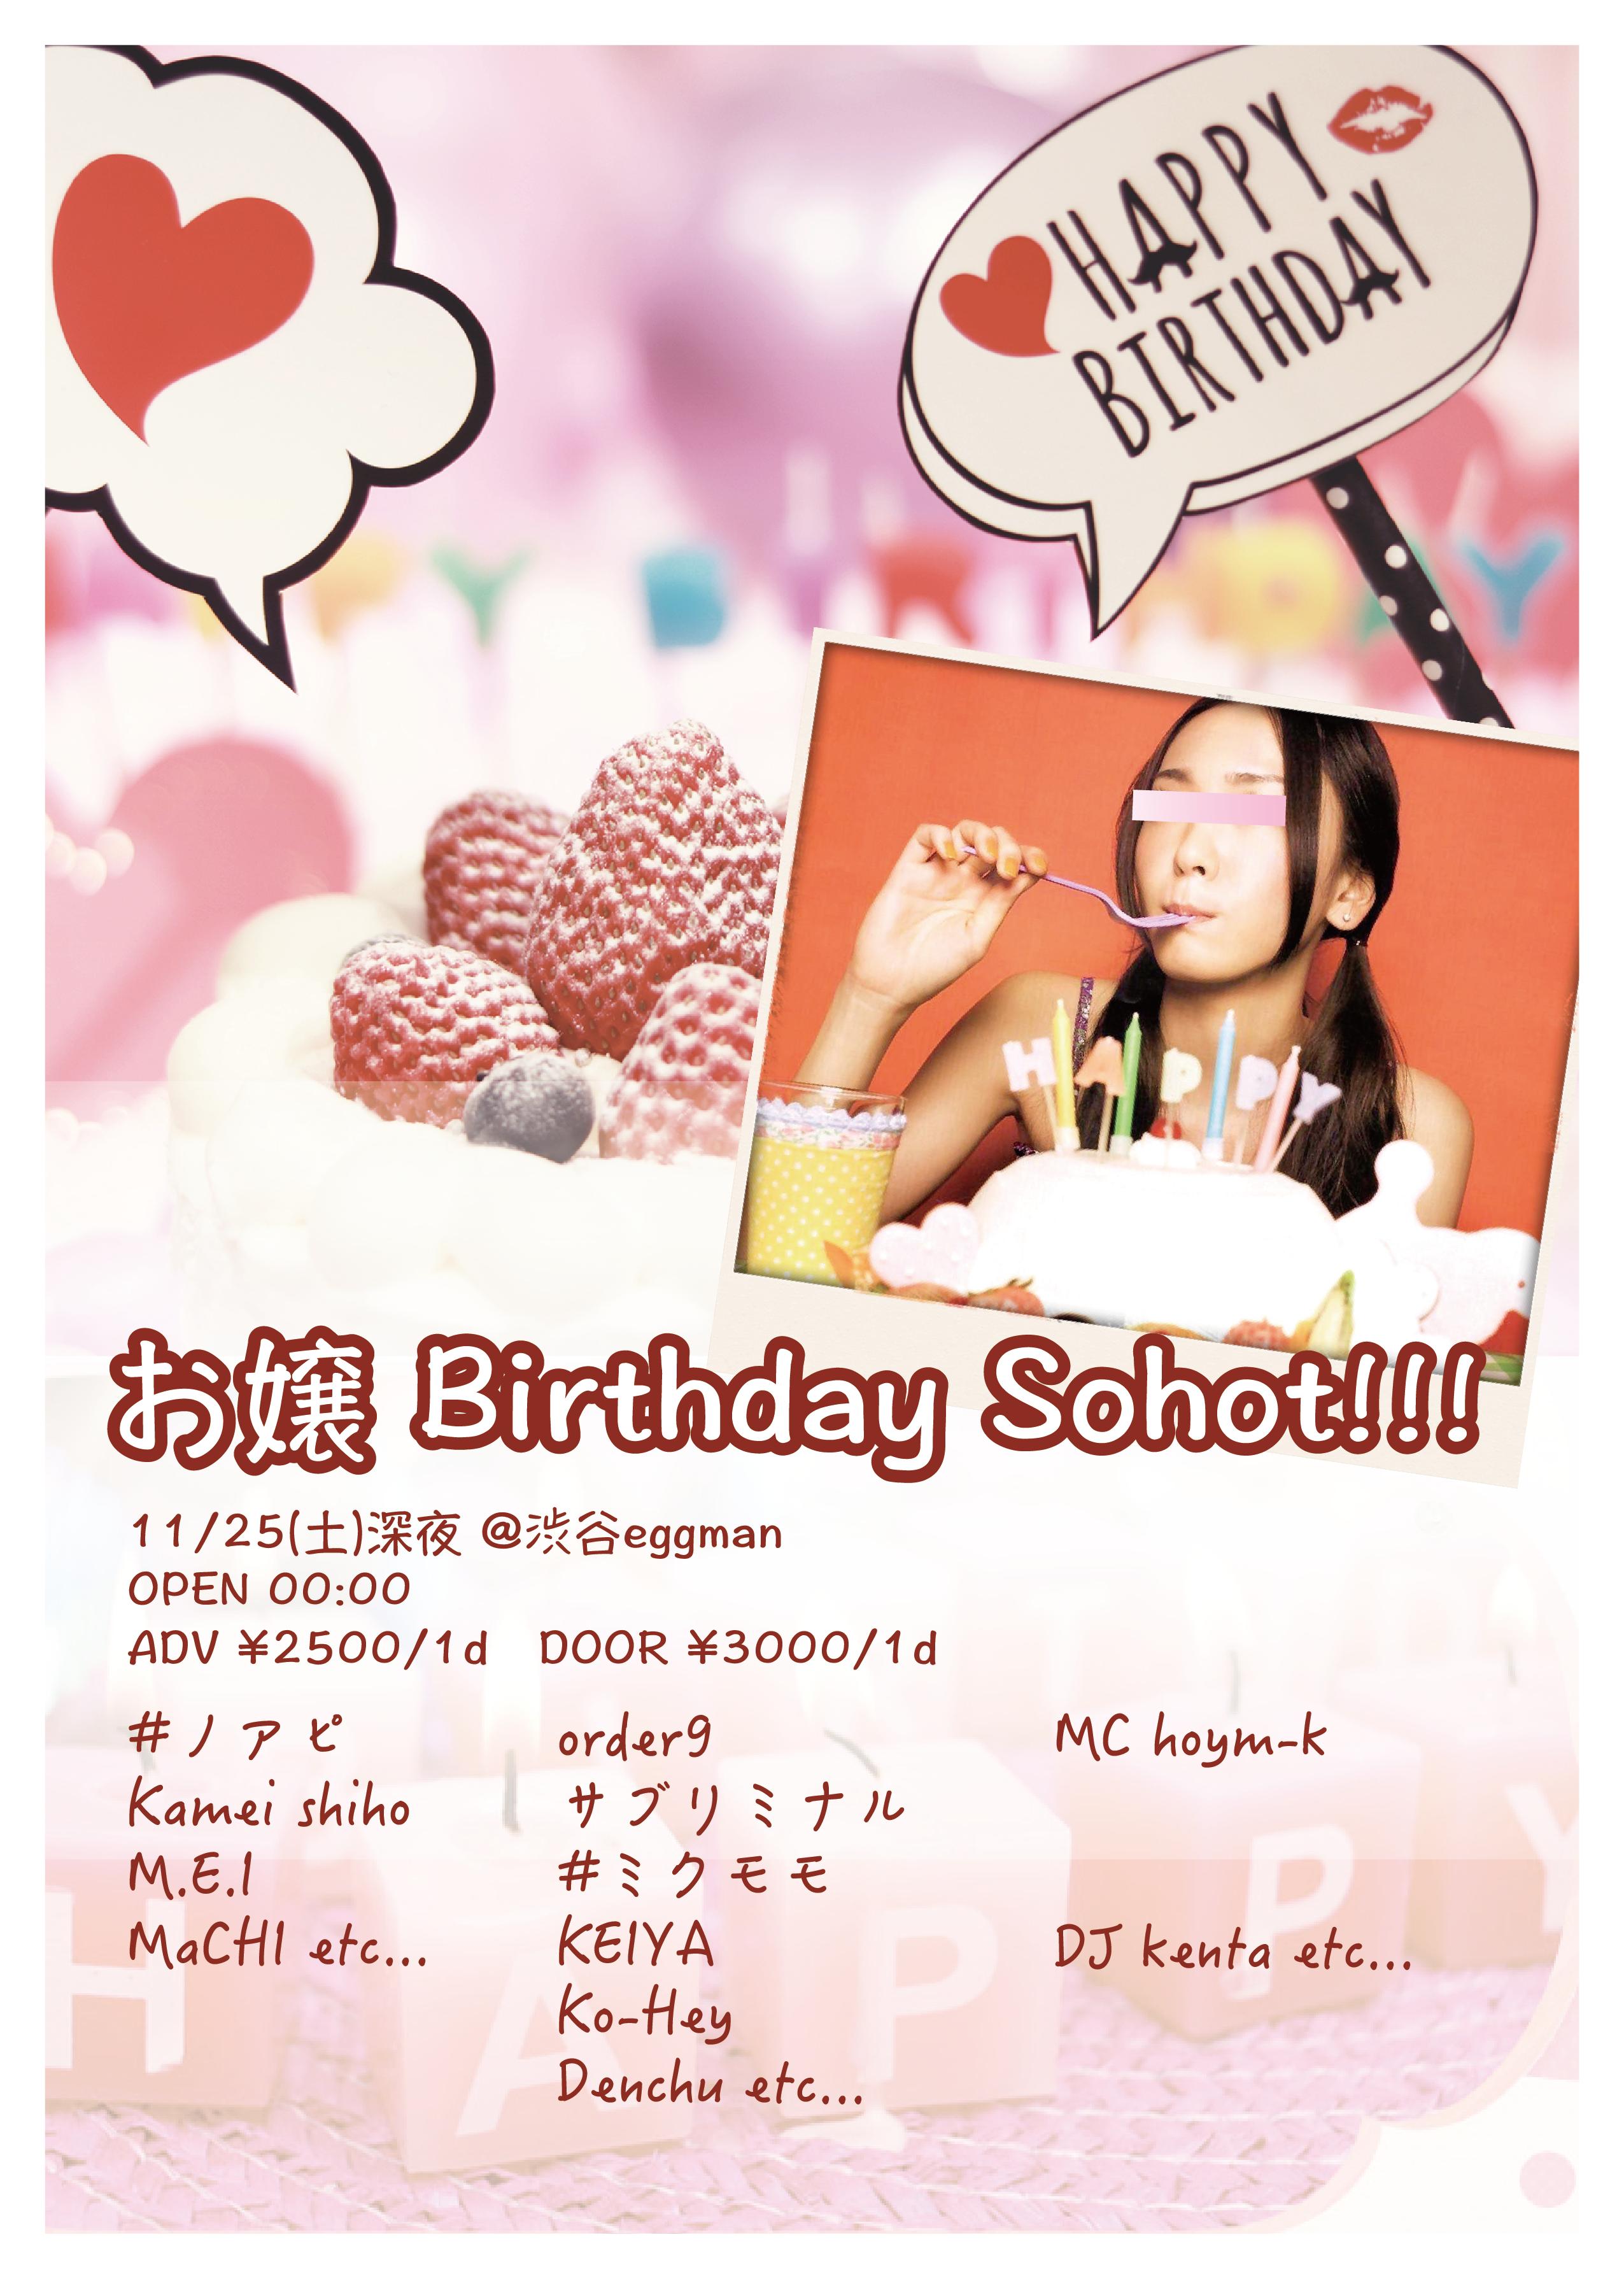 お嬢 Birthday Sohot!!!